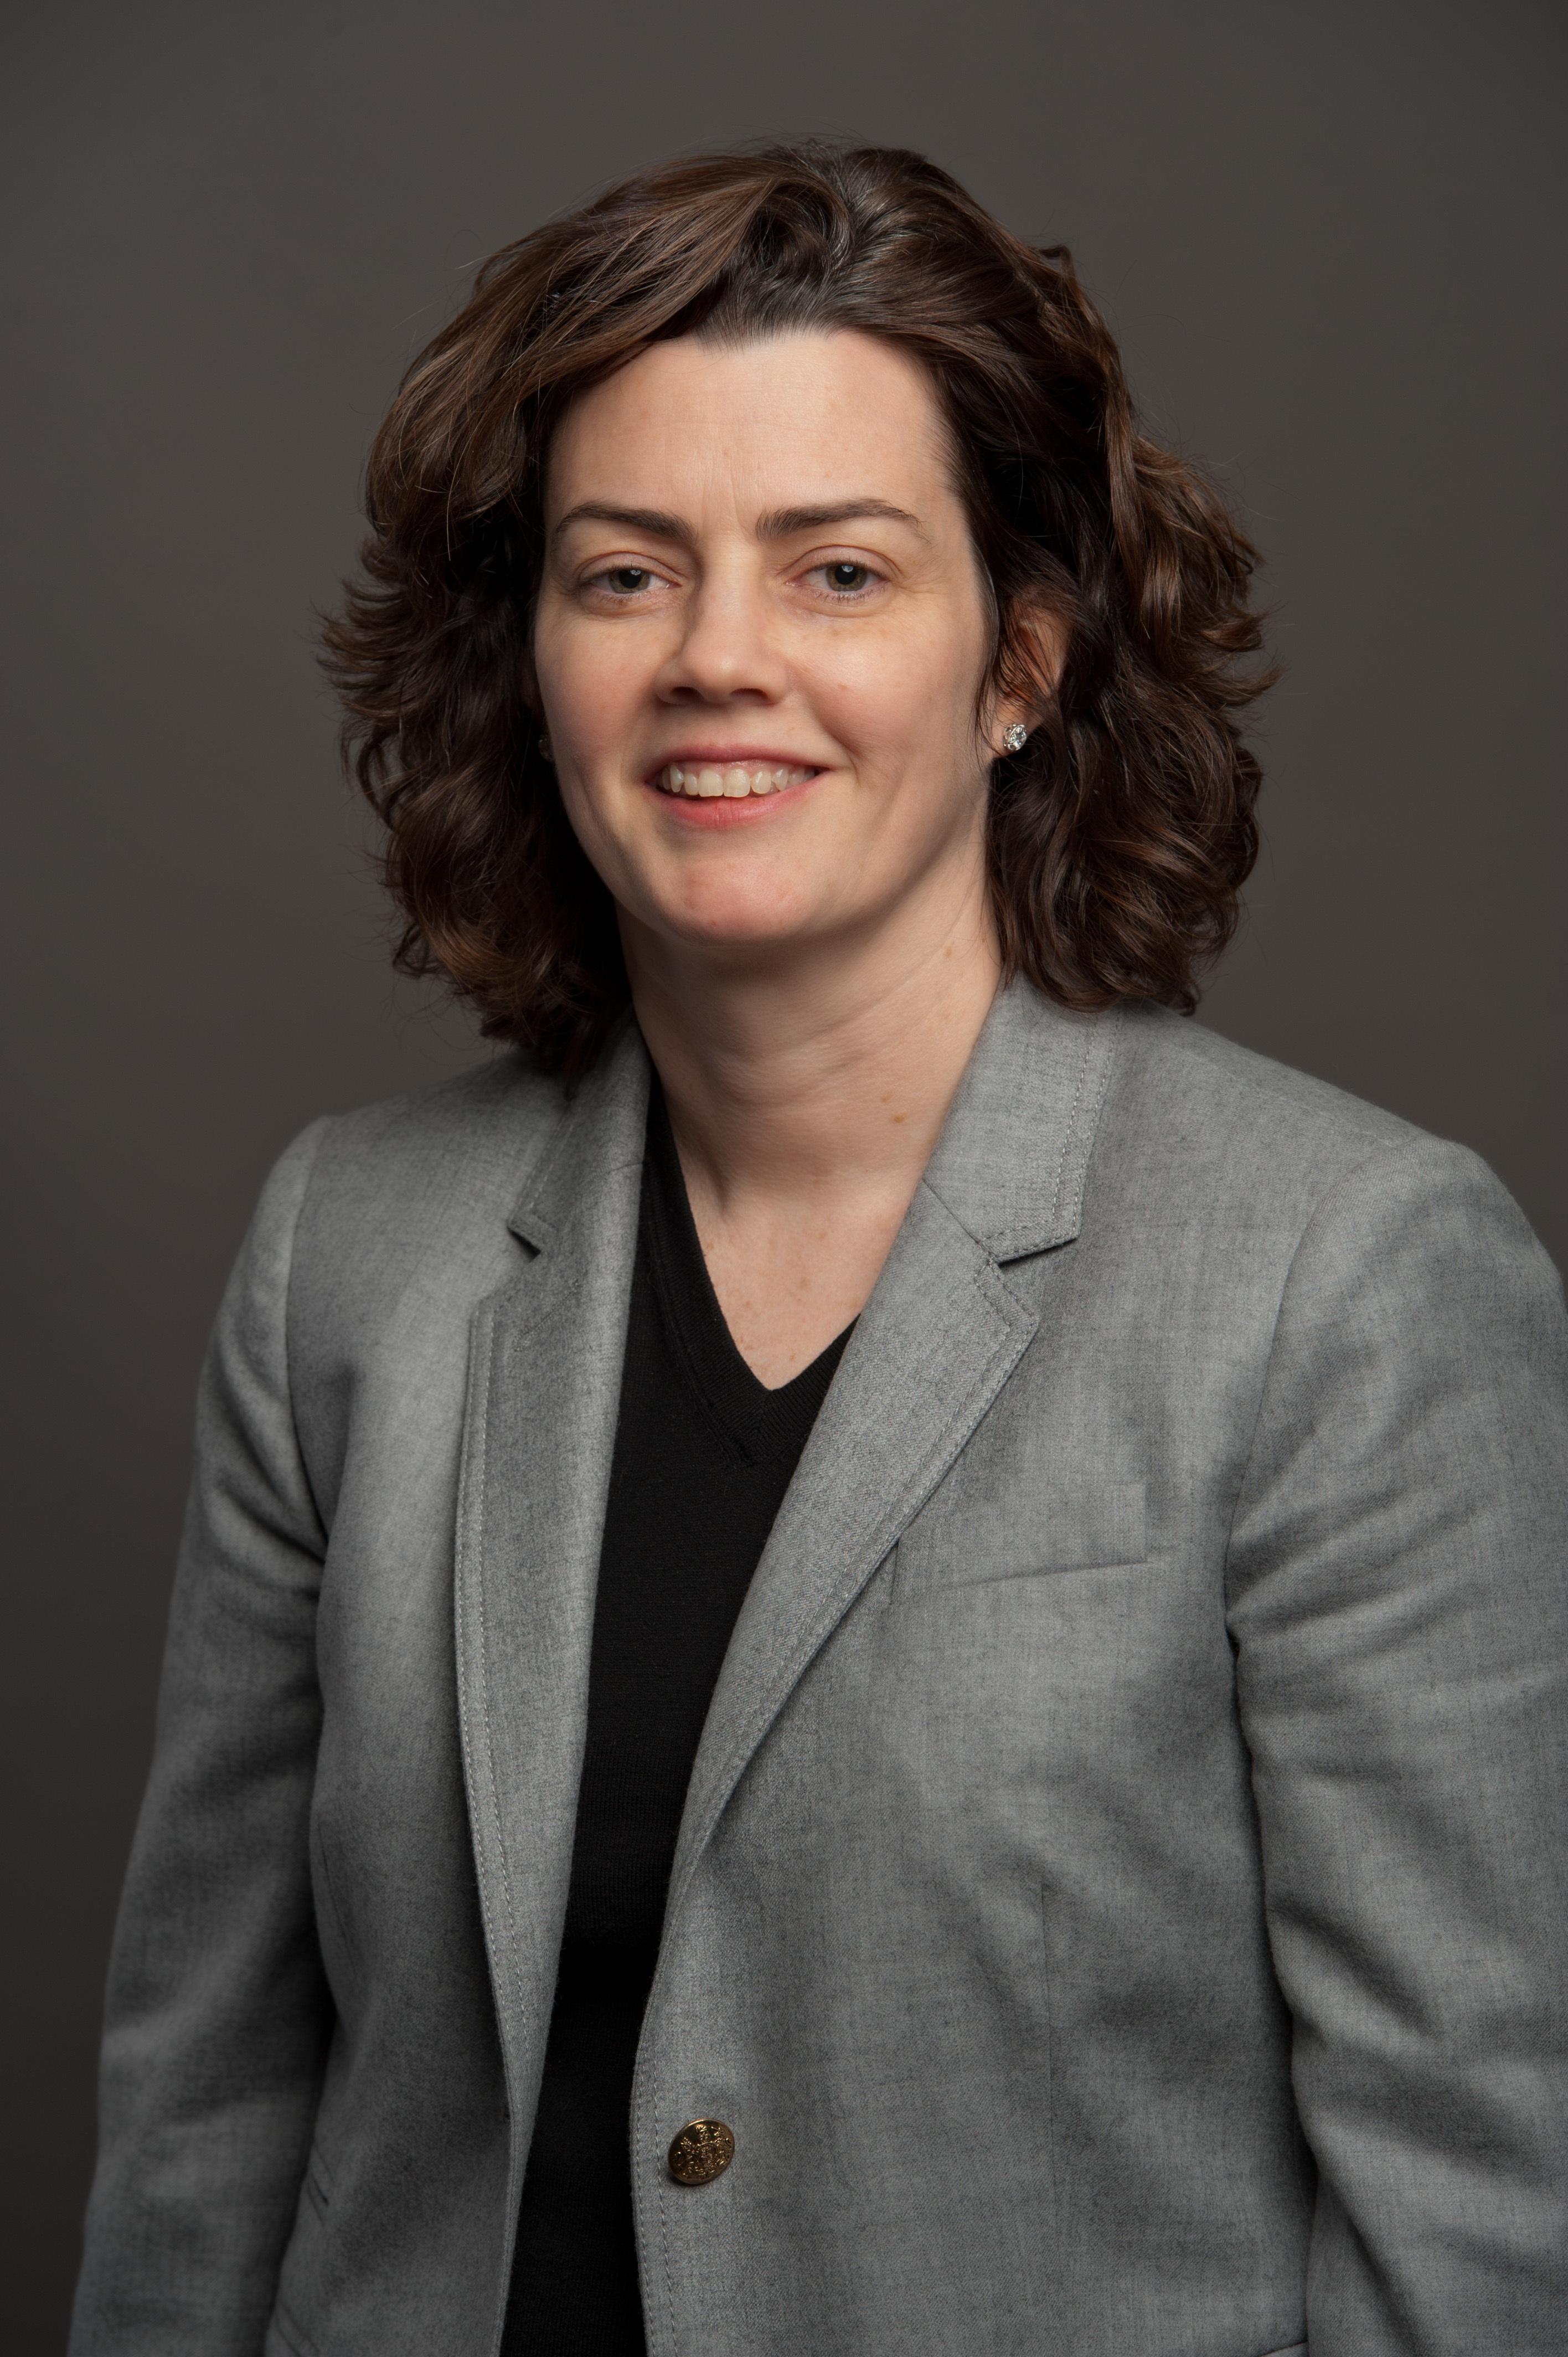 2011 -- Marie Donoghue